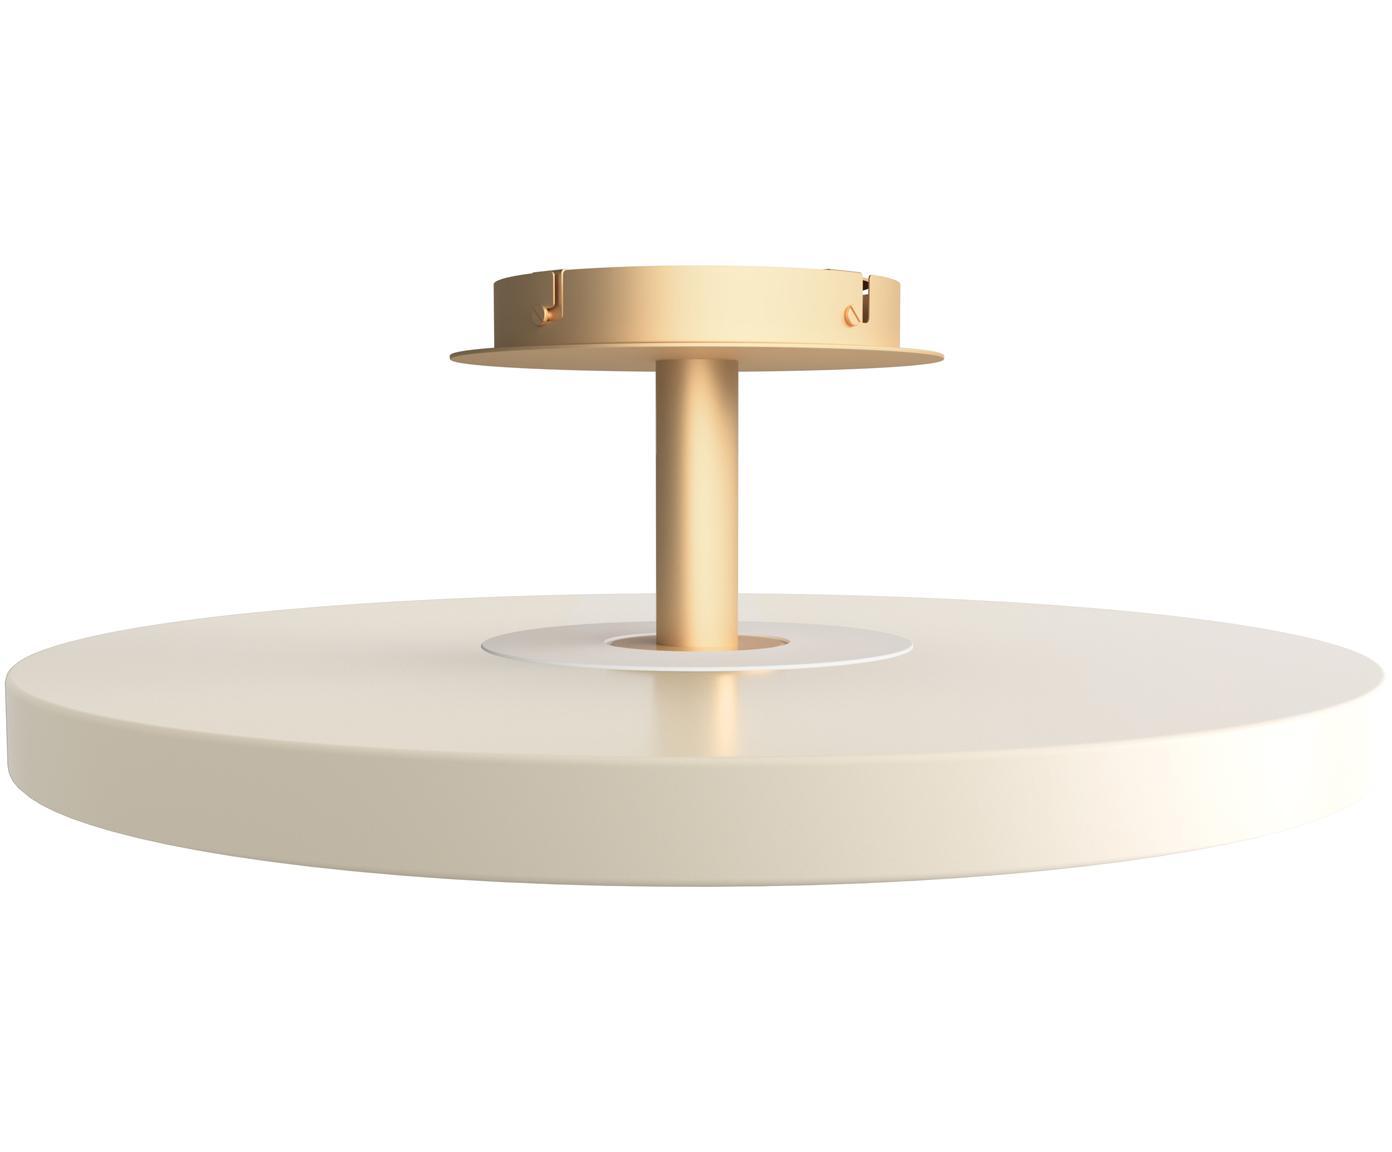 Lampa sufitowa LED Asteria, Kremowobiały, odcienie złotego, Ø 60 x W 21 cm